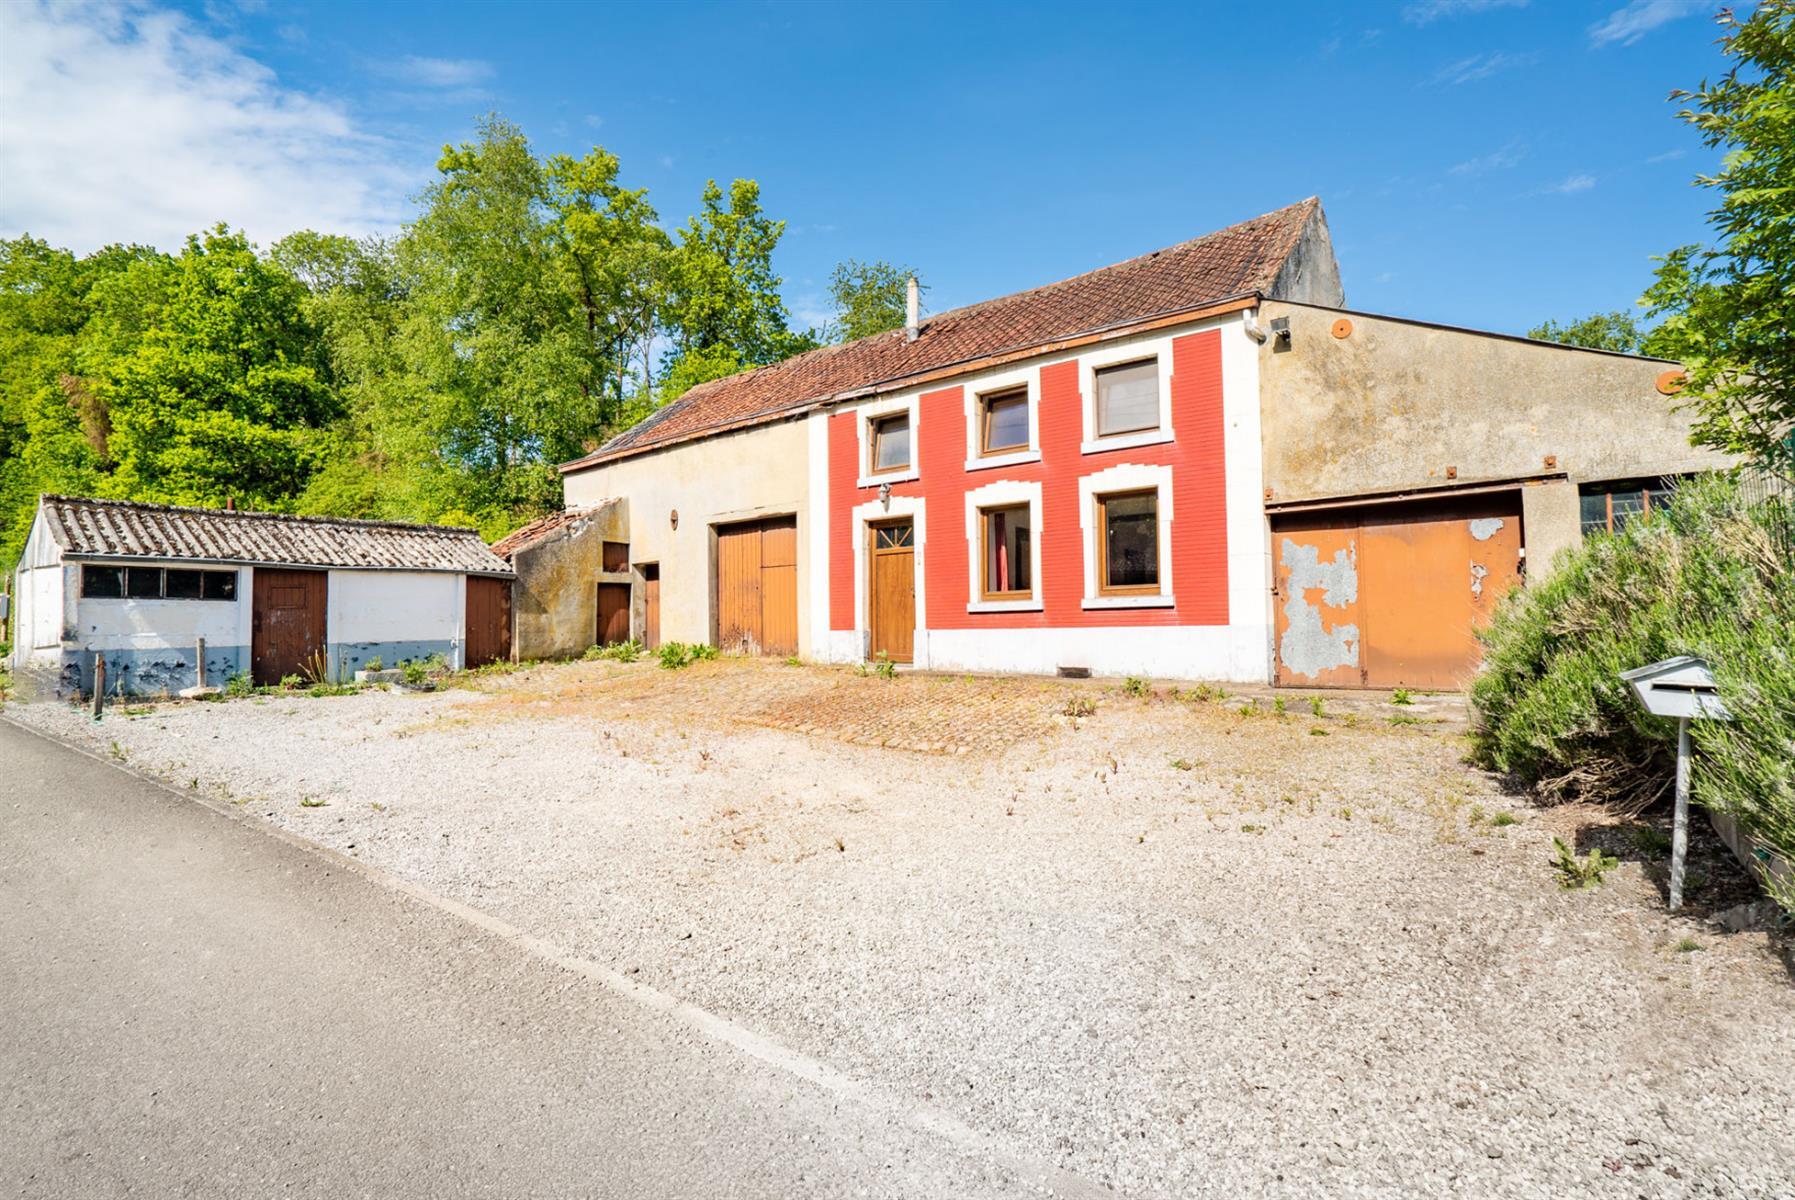 Maison - Chaumont-Gistoux - #3849419-13